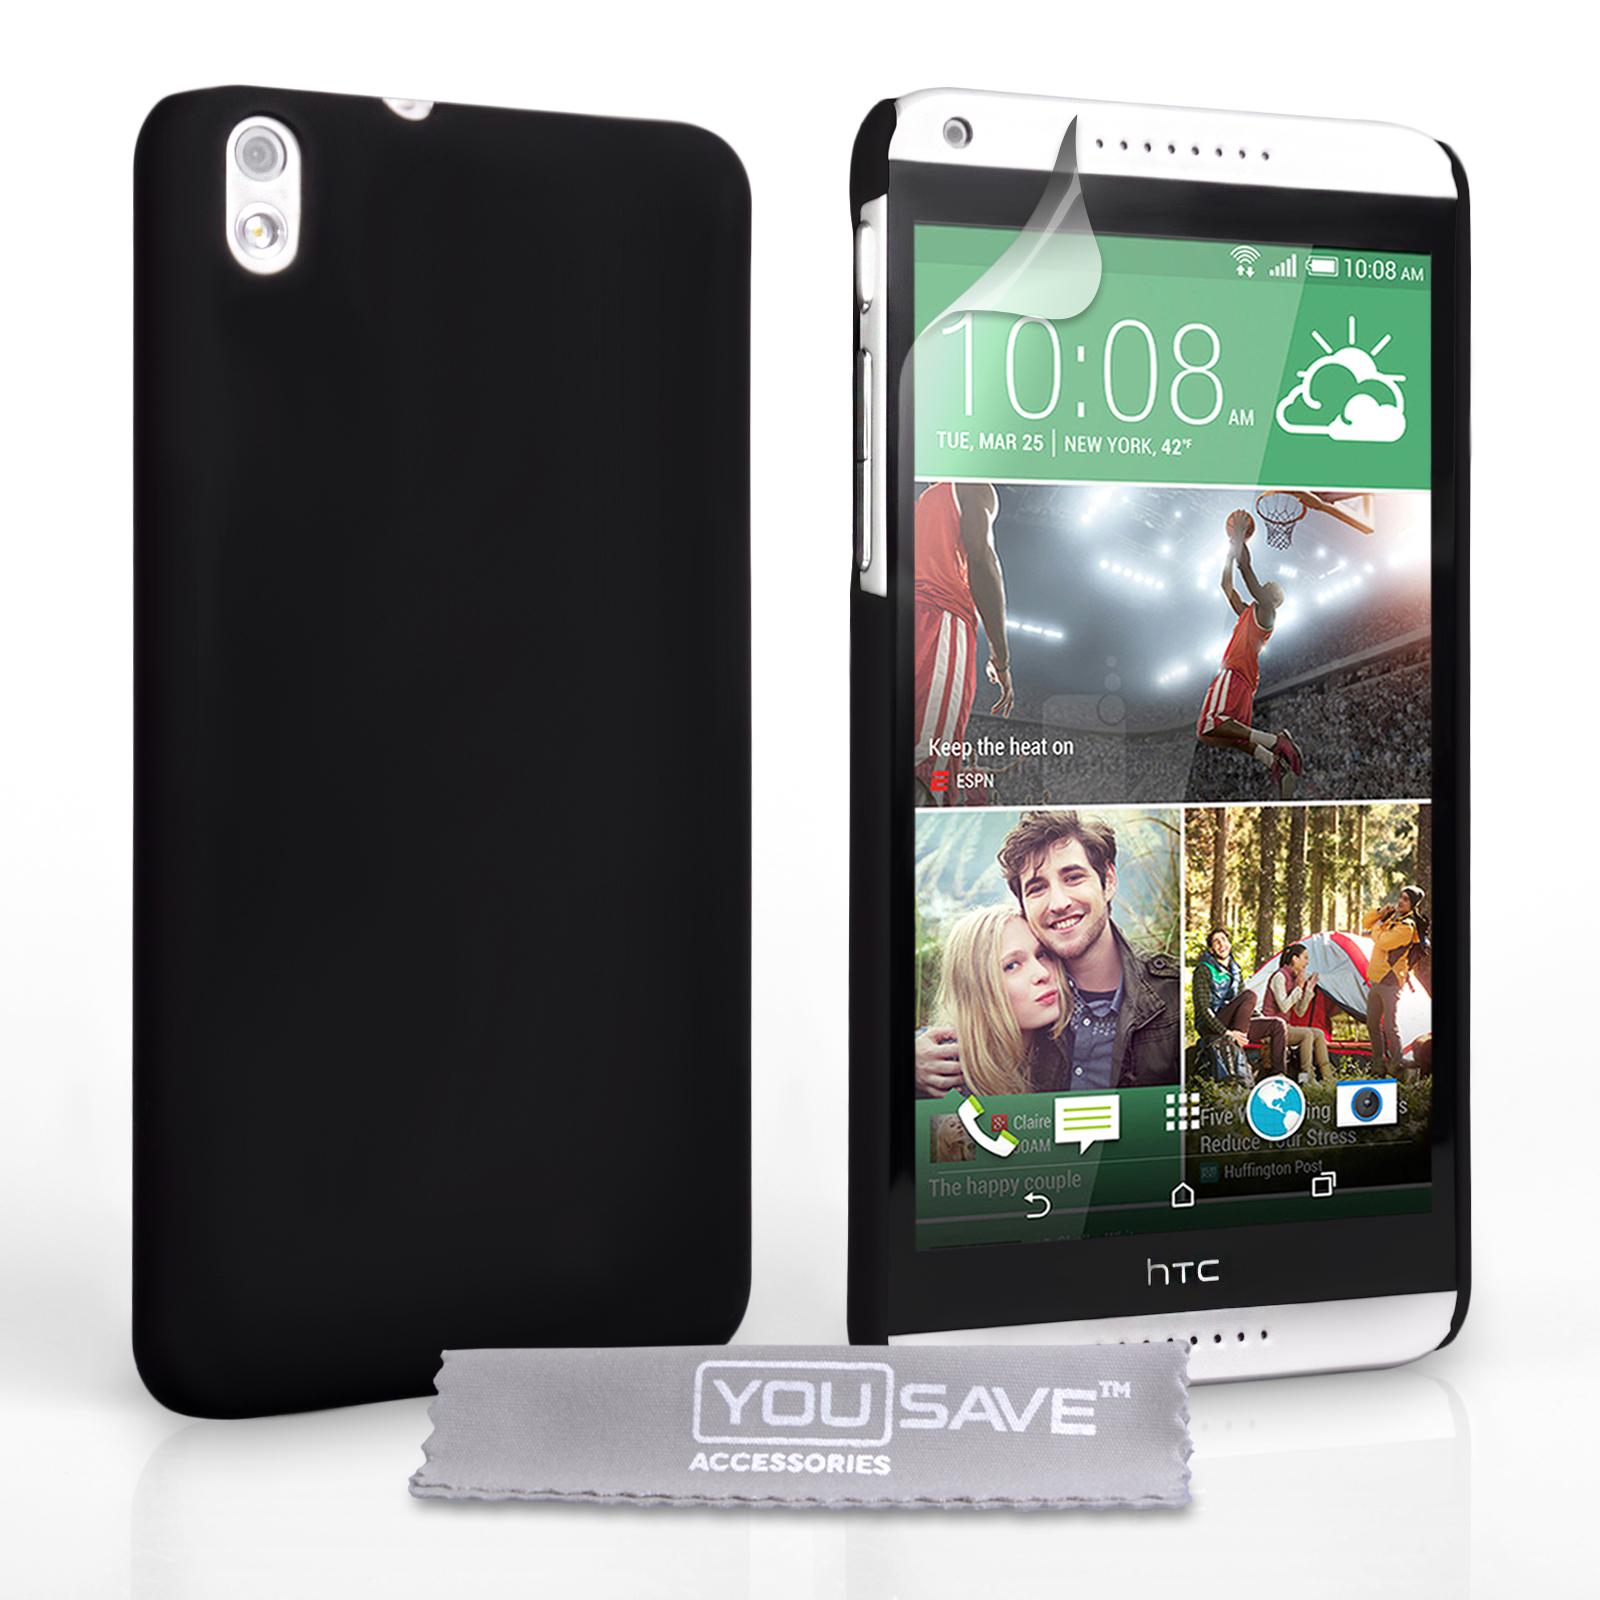 Θήκη HTC Desire 816 by YouSave (Z388)